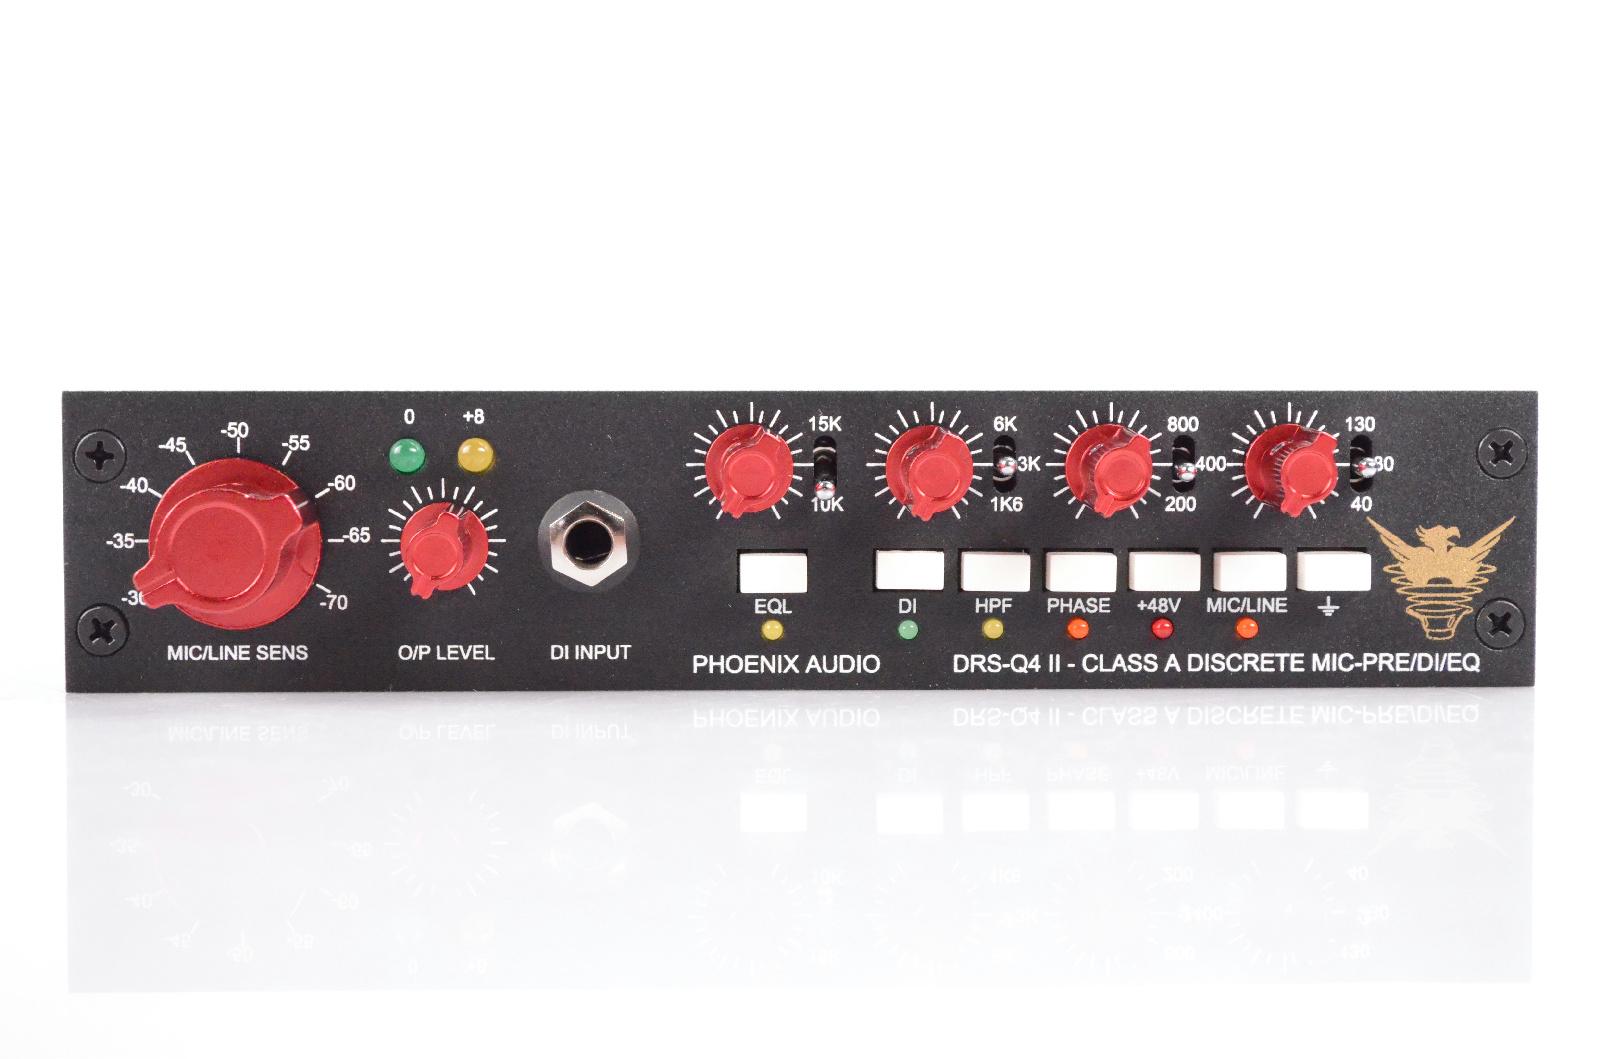 Phoenix Audio DRS-Q4 II Class A Discrete Mic Pre DI EQ DRSQ4 2 Preamp #31927